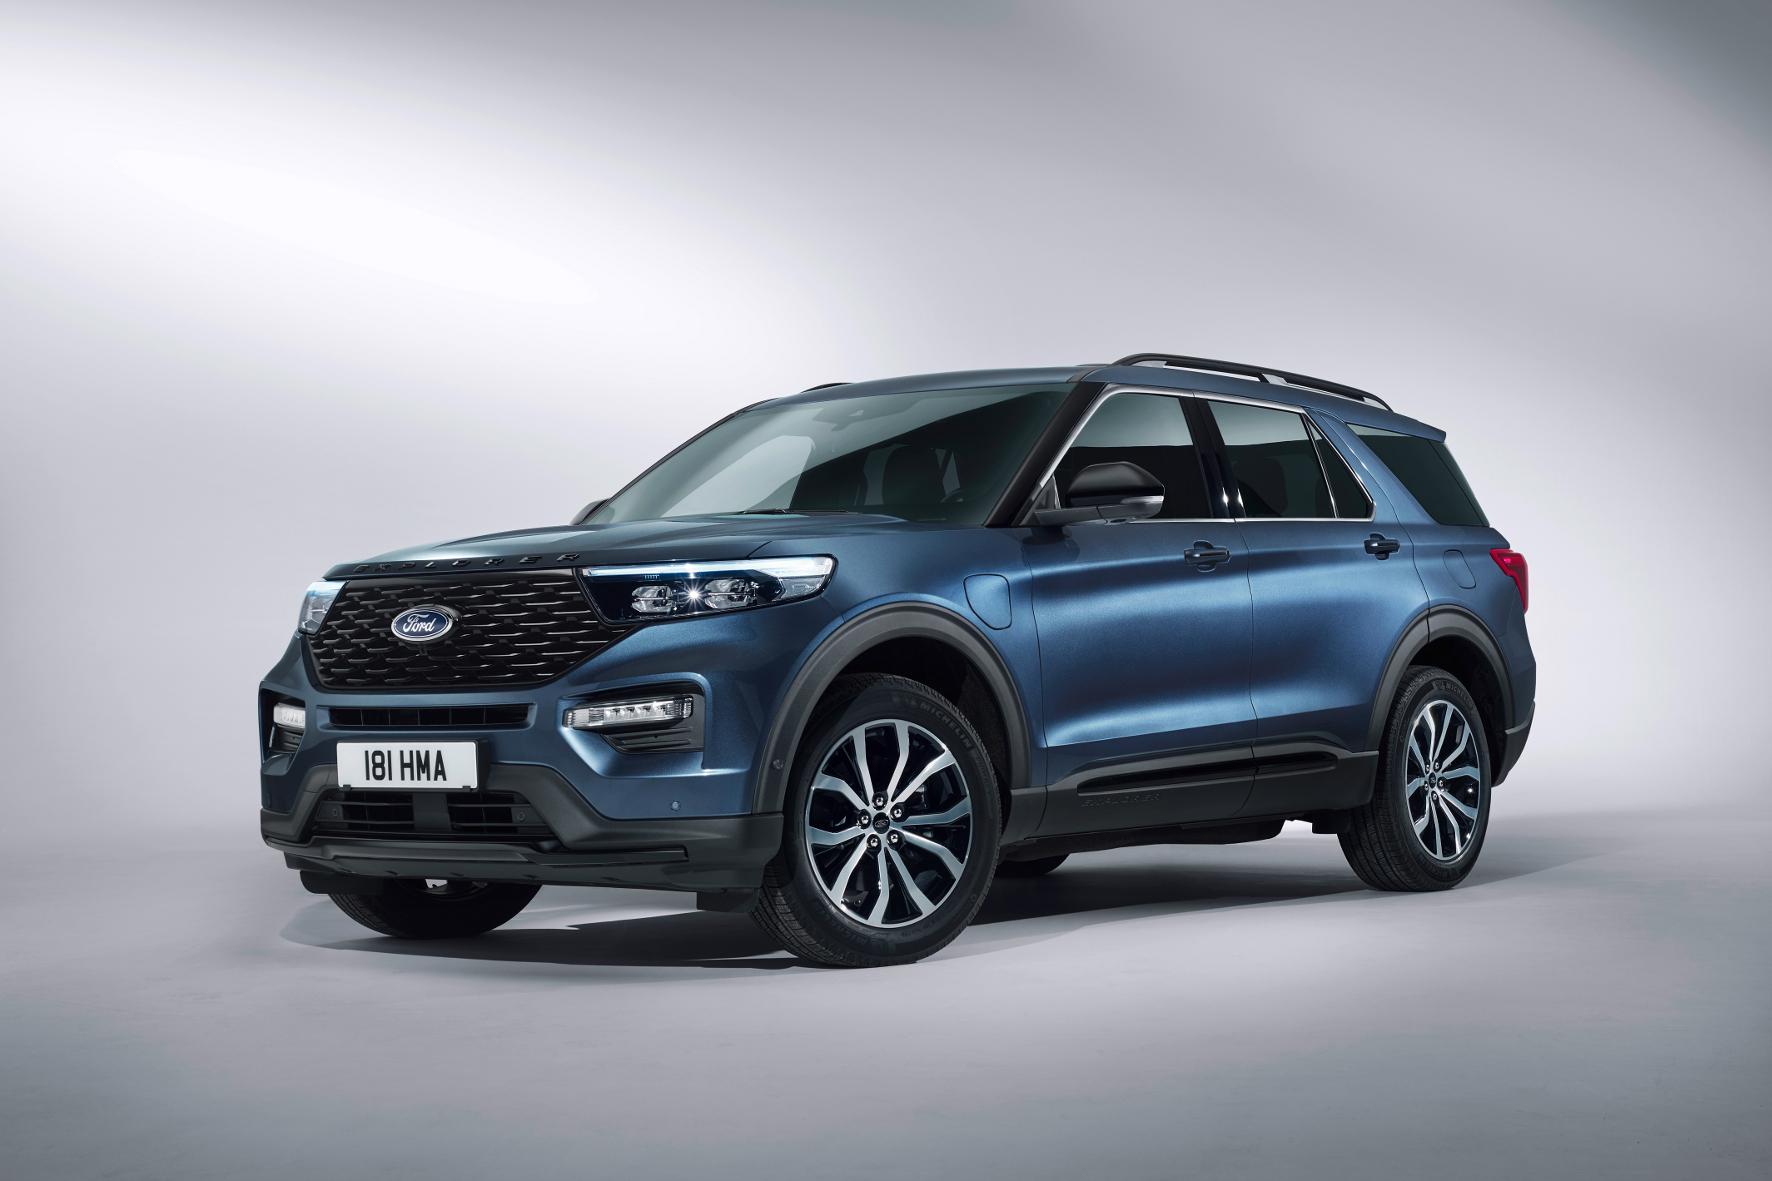 mid Groß-Gerau - Die sechste Generation des Ford Explorer ist in Deutschland ab sofort ausschließlich mit Plug-in Hybrid-Antrieb bestellbar. Verkaufspreis: ab 74.000 Euro. Die Markteinführung ist für März 2020 vorgesehen. Ford